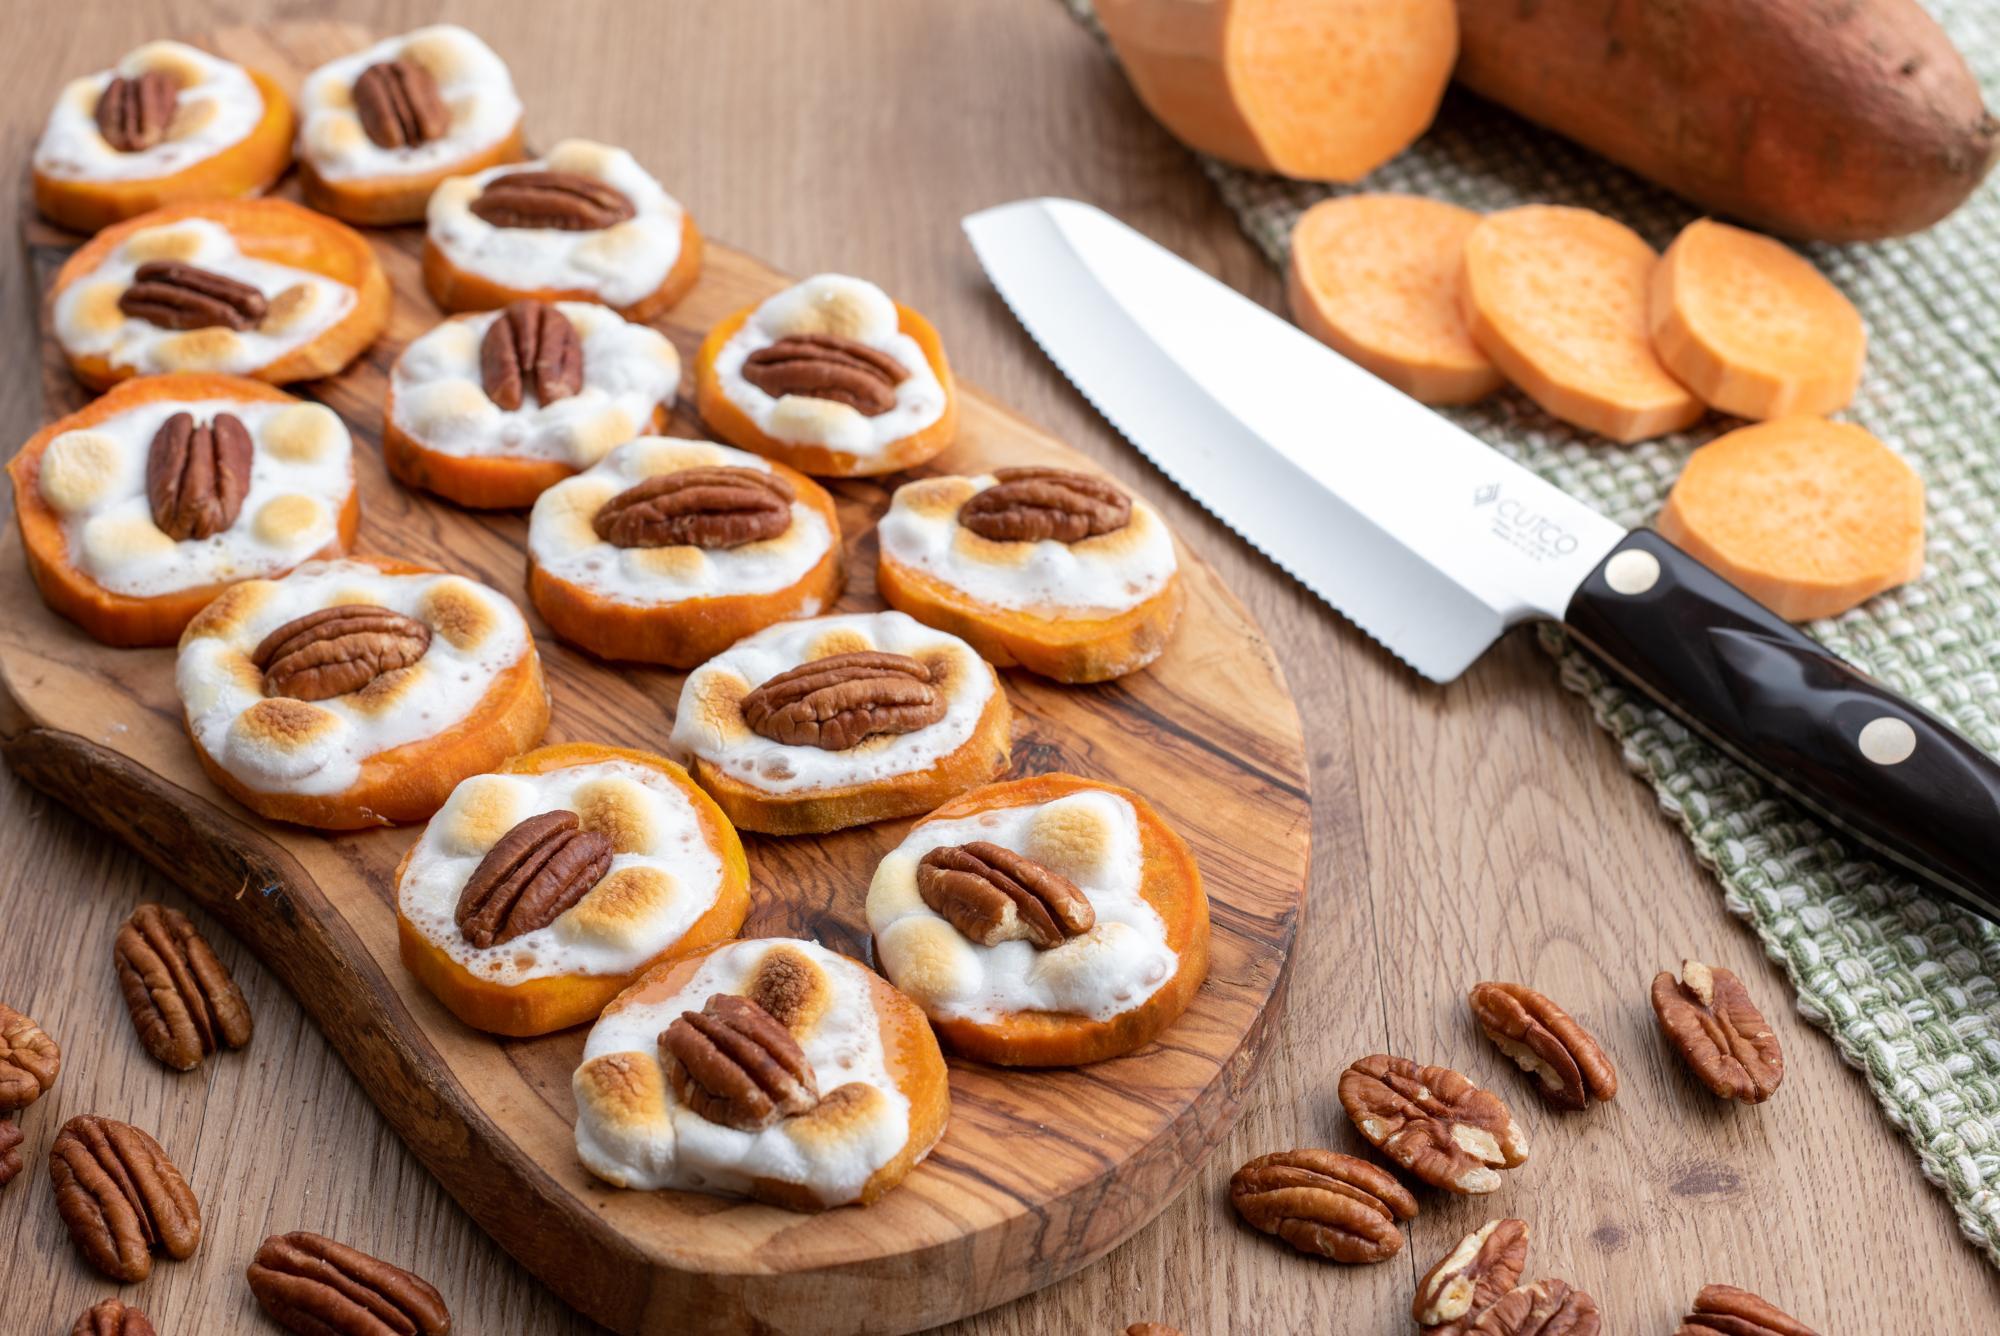 Sweet Potato Bites With Marshmallows